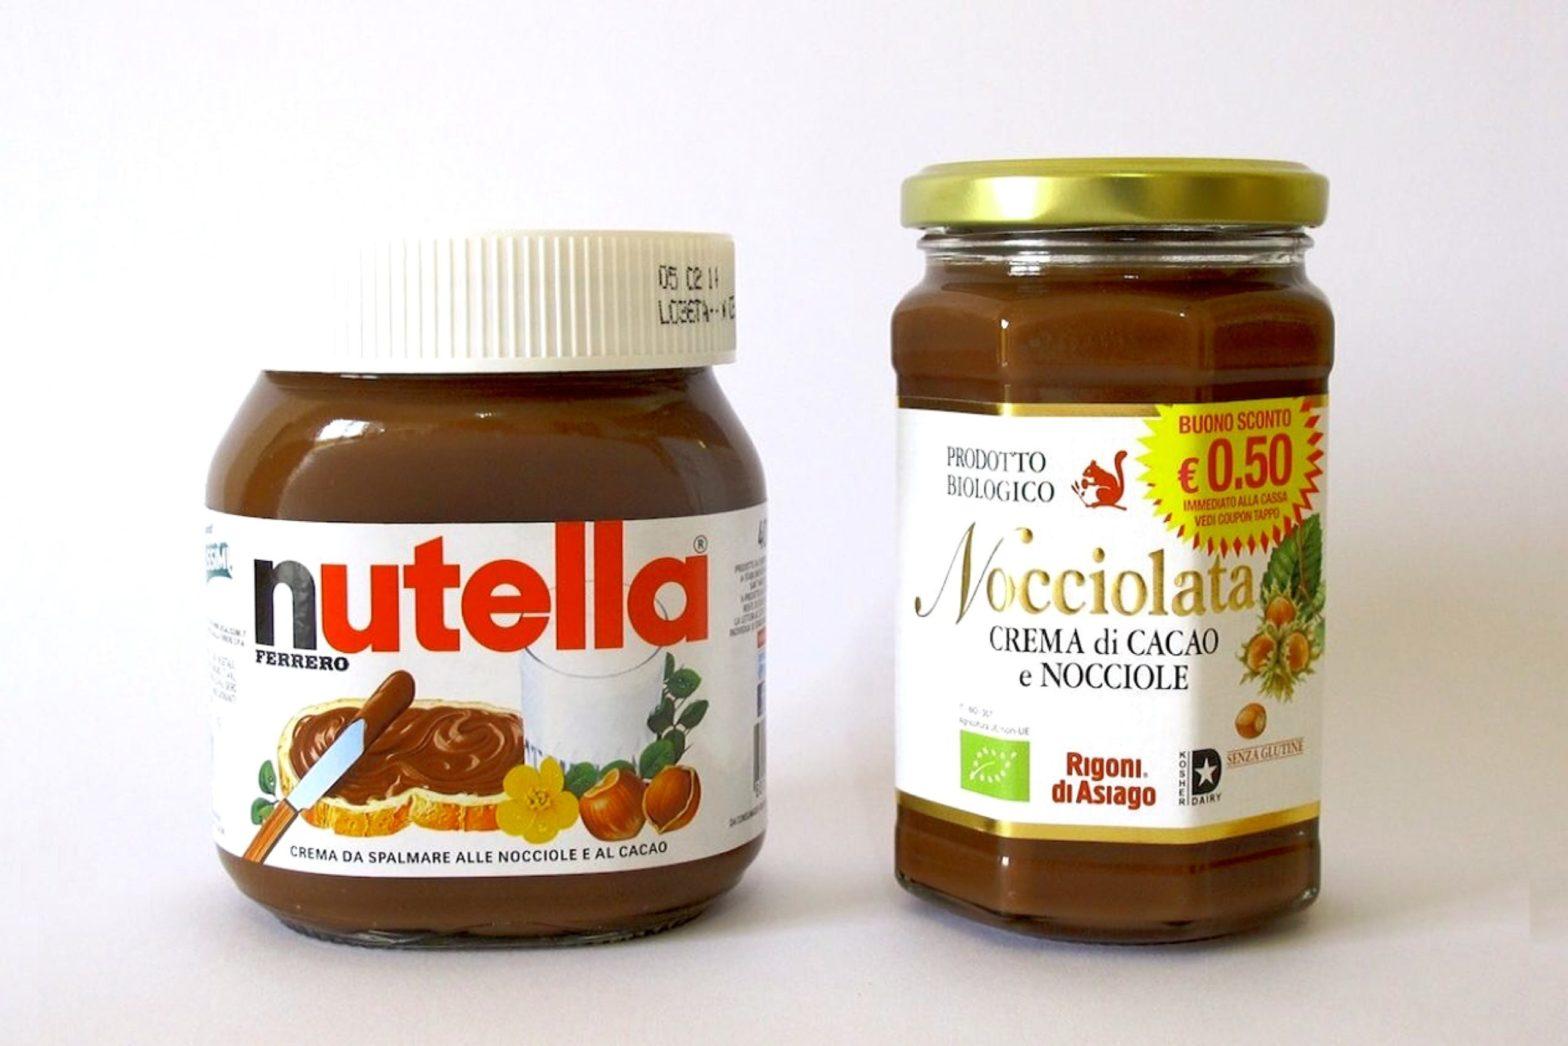 Nutella vs Nocciolata Rigoni